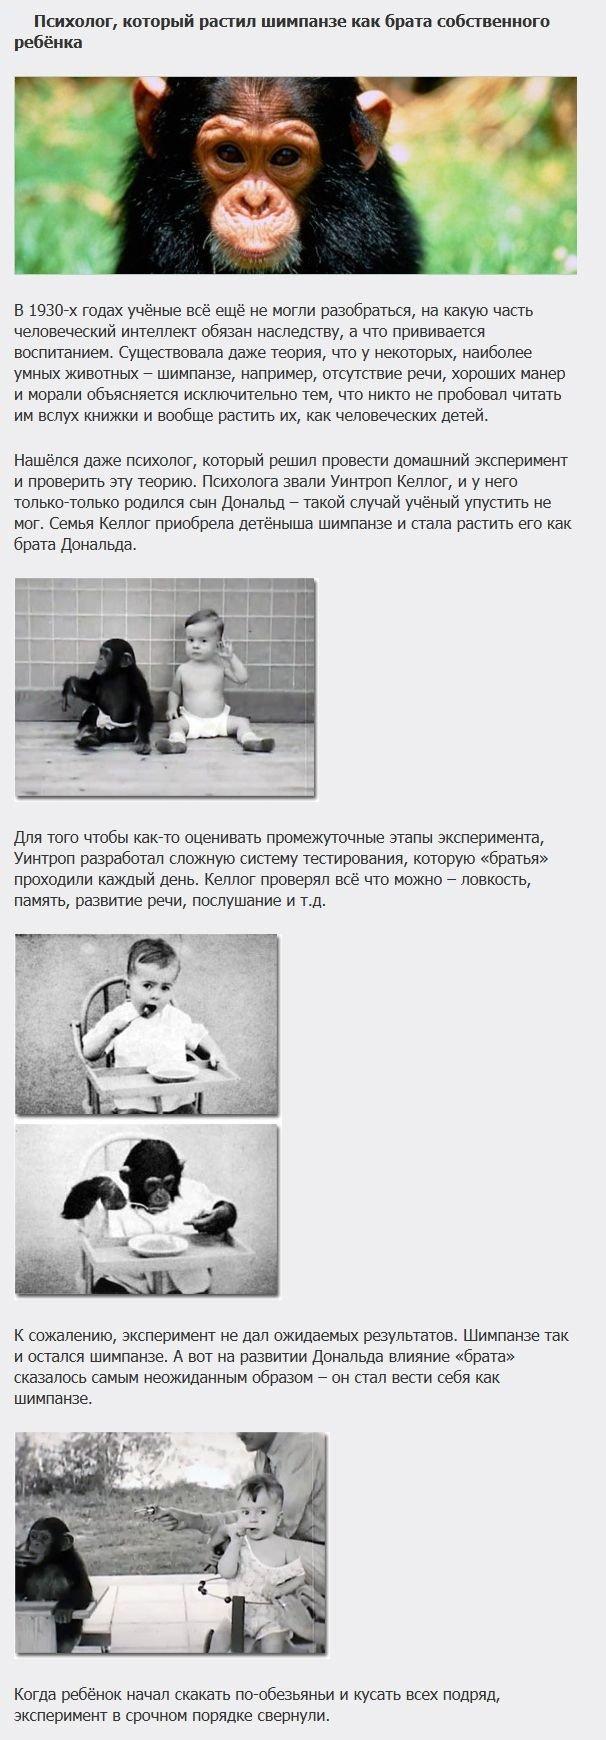 Самые странные эксперименты на детях (5 фото)